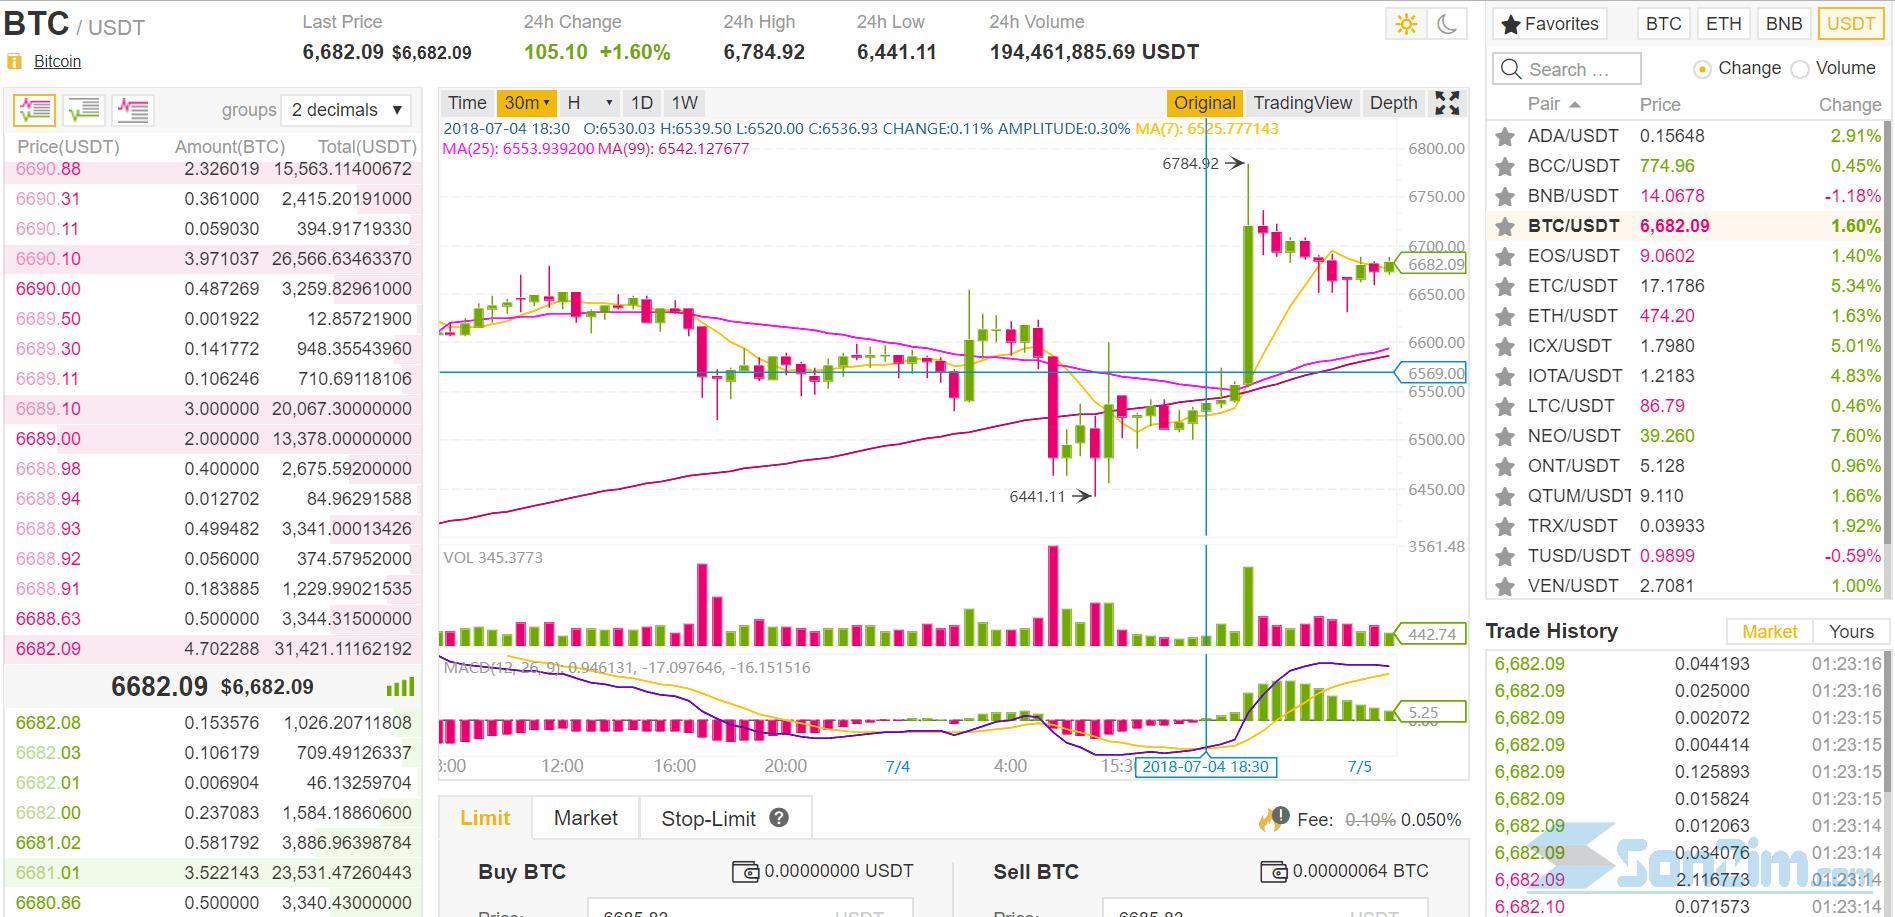 Kiểm tra giá bitcoin trên các sàn giao dịch binance